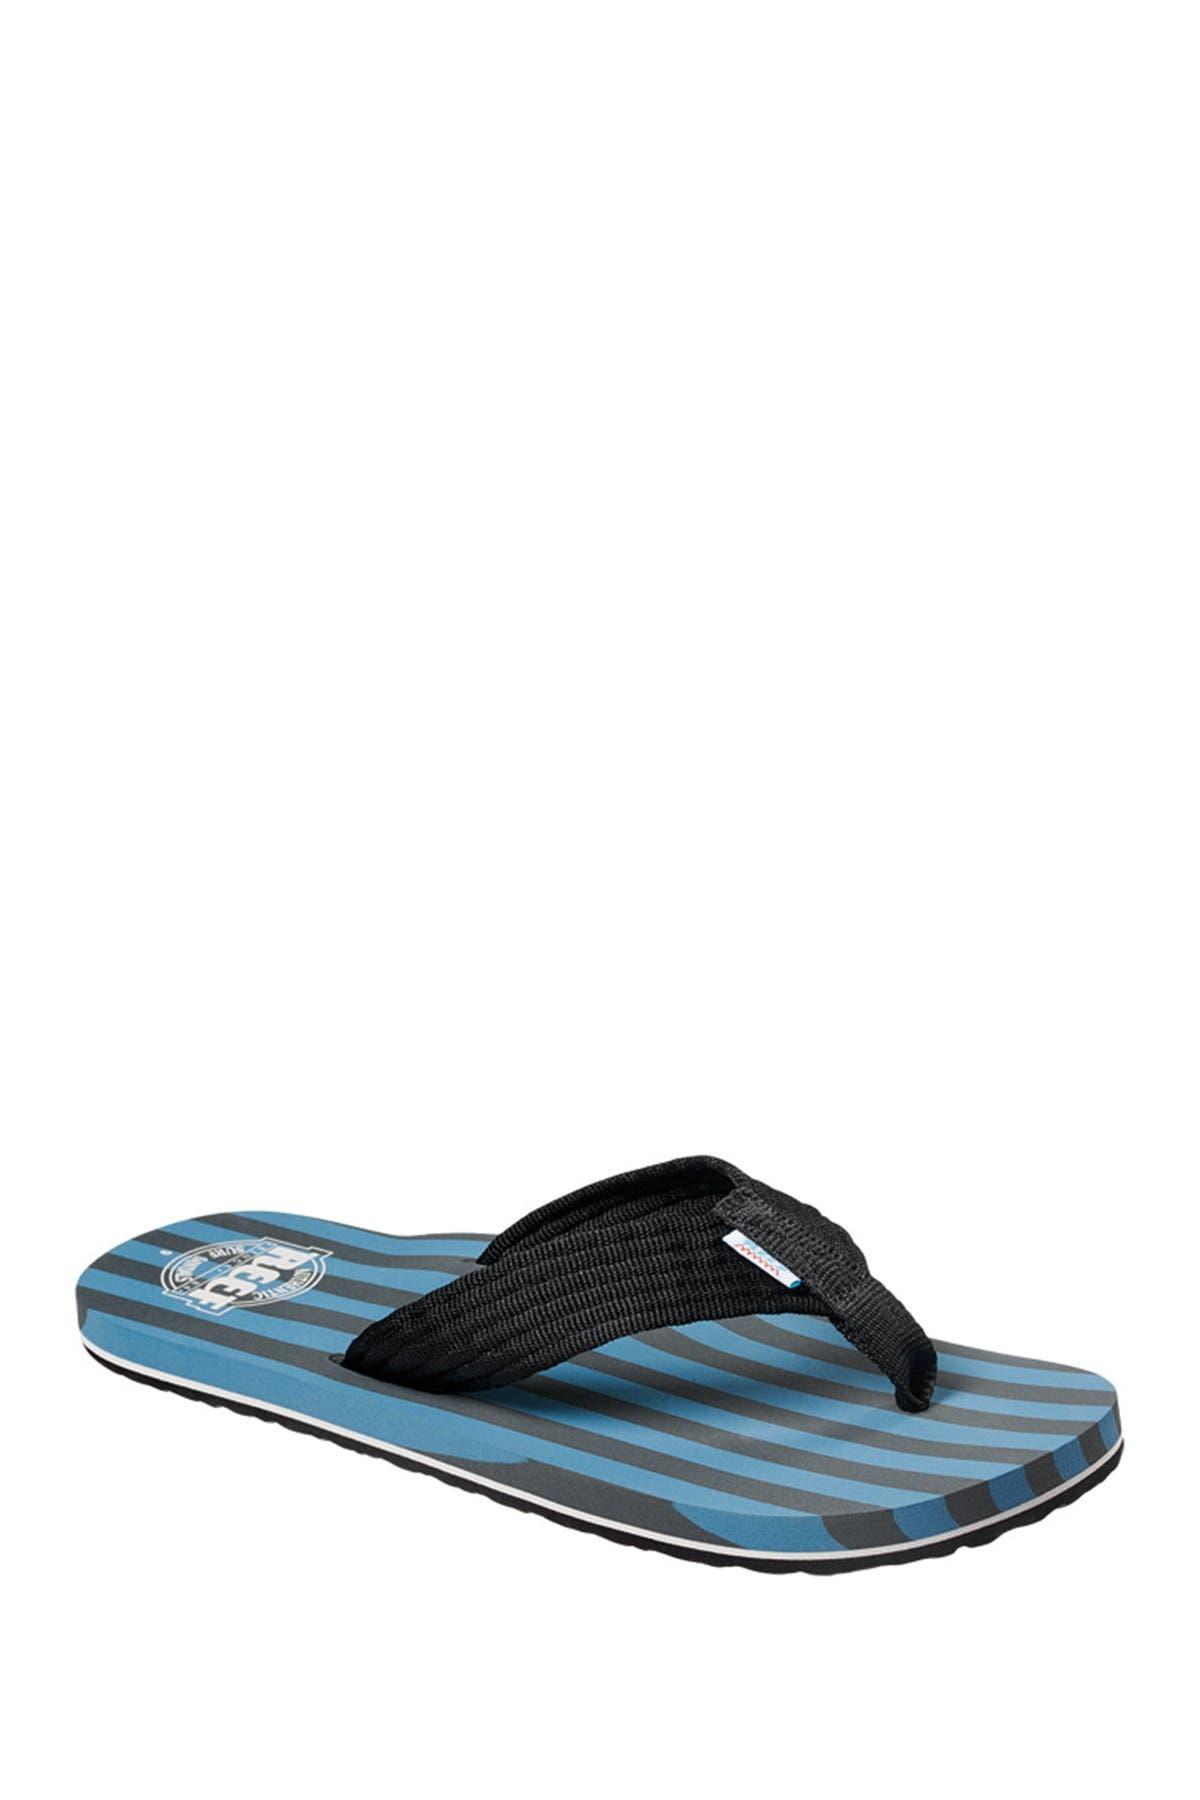 Image of Reef Original Stripes Flip Flop